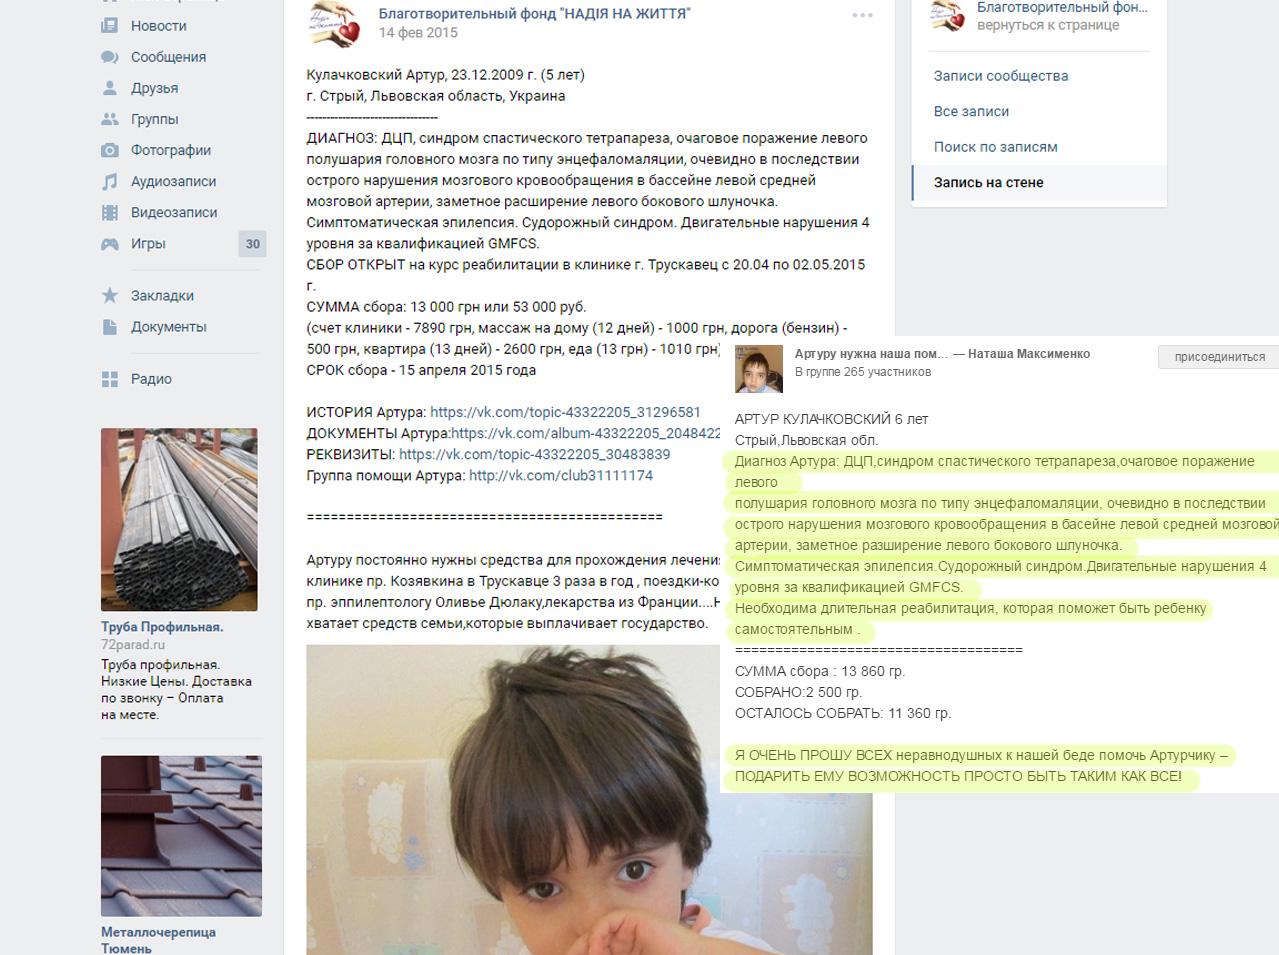 Текст истории болезни и призыв к помощи слово в слово совпадает с украинским мальчиком Артуром